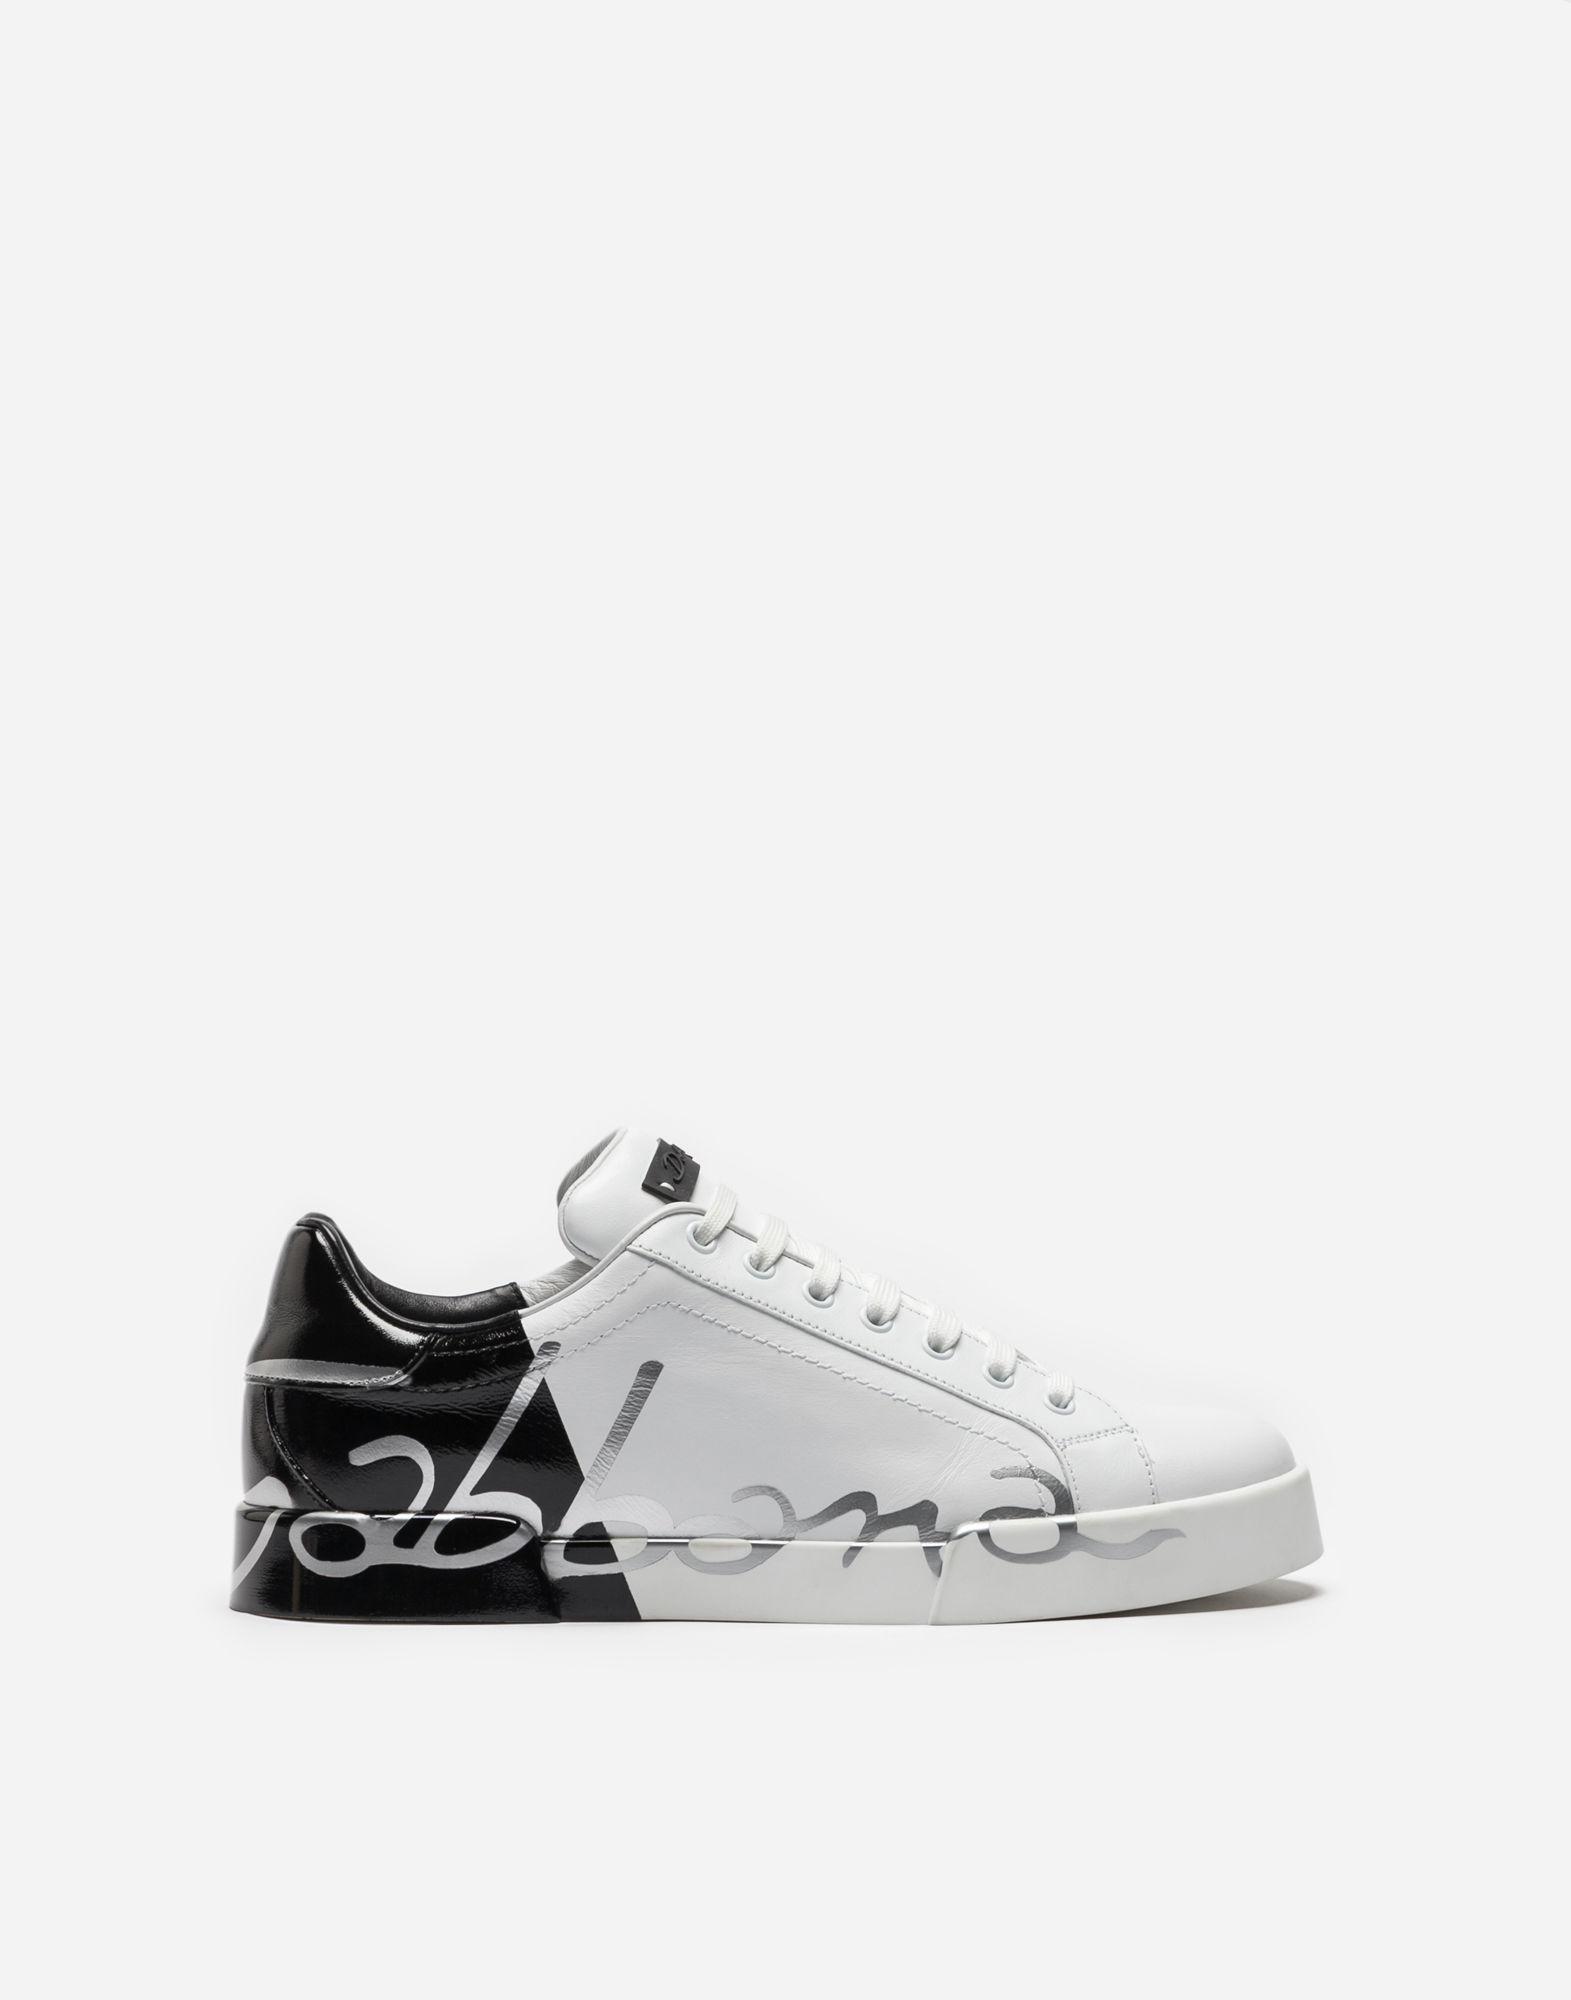 Portofino Sneakers In Leather And Patent, White/Black